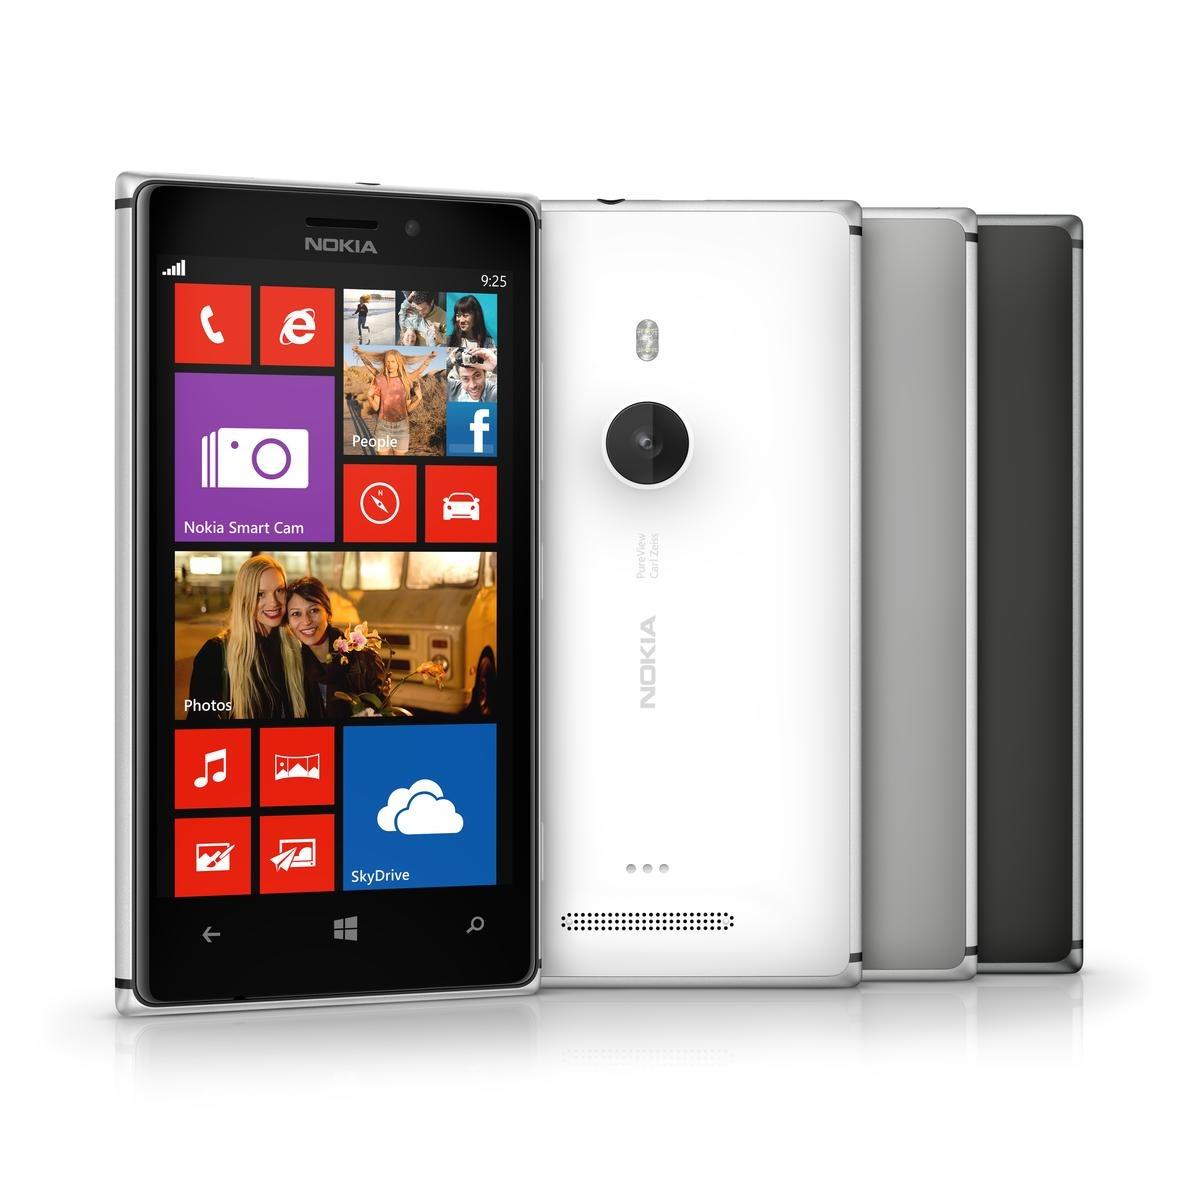 Nokia Lumia Price Nokia Lumia 925 Price ...